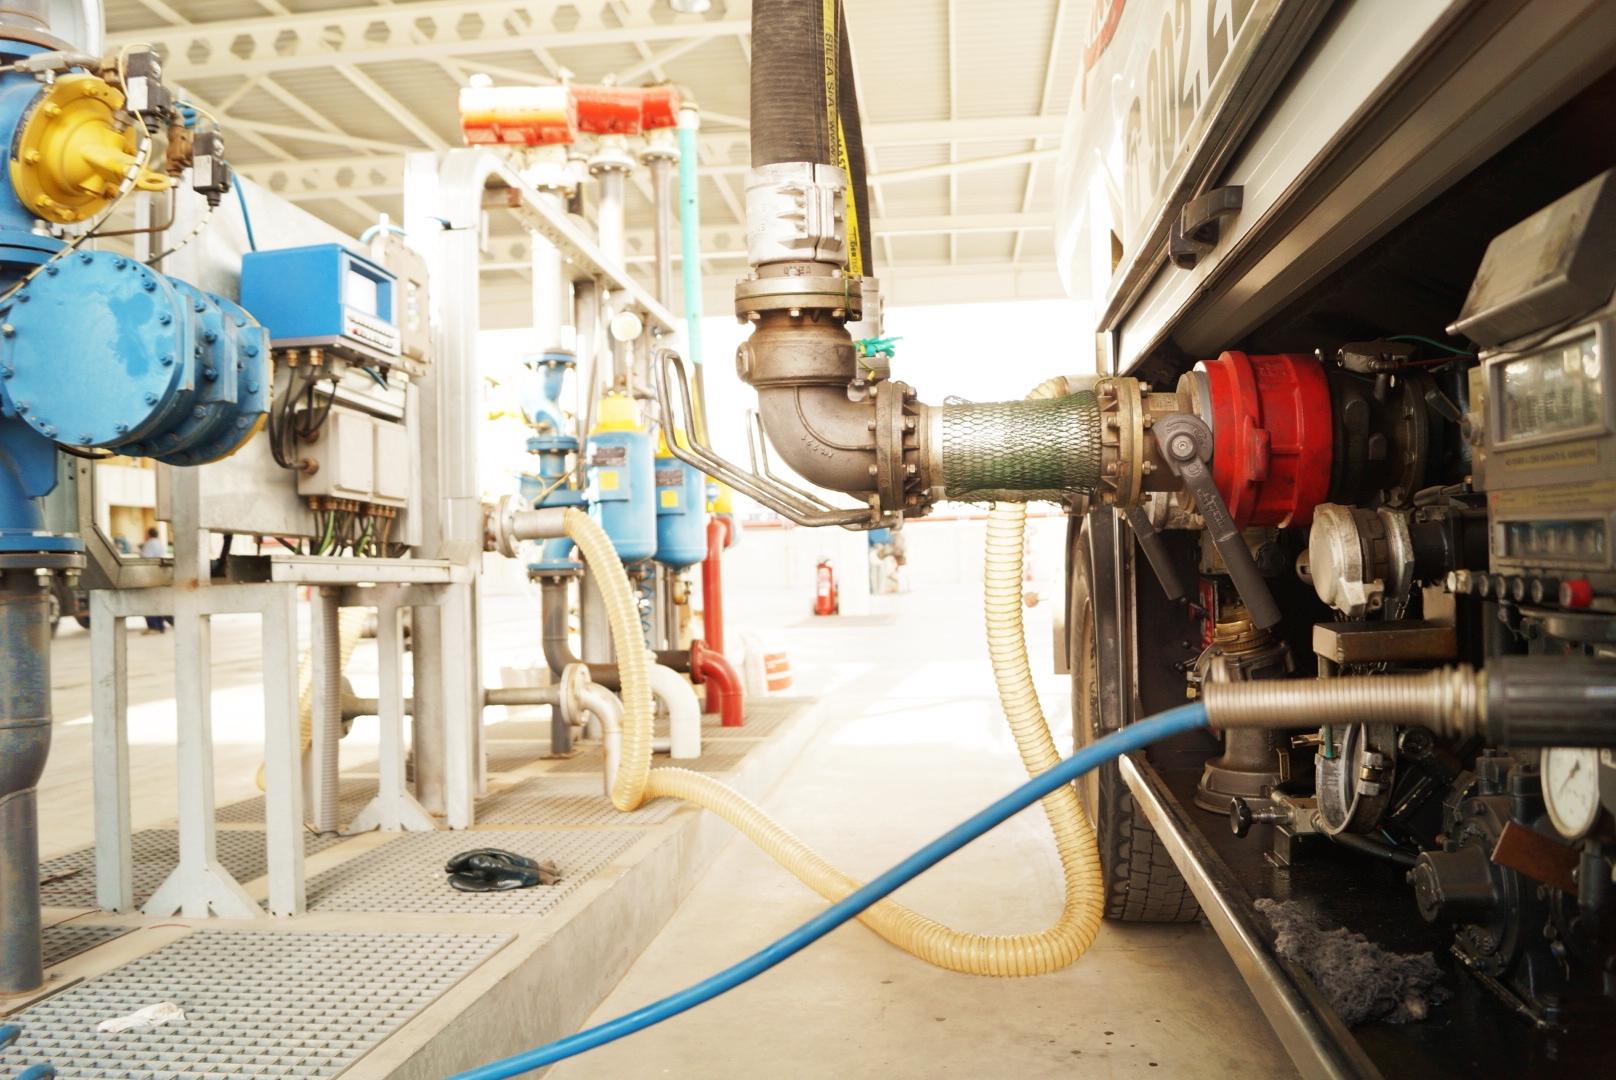 instalaciones de gasoil